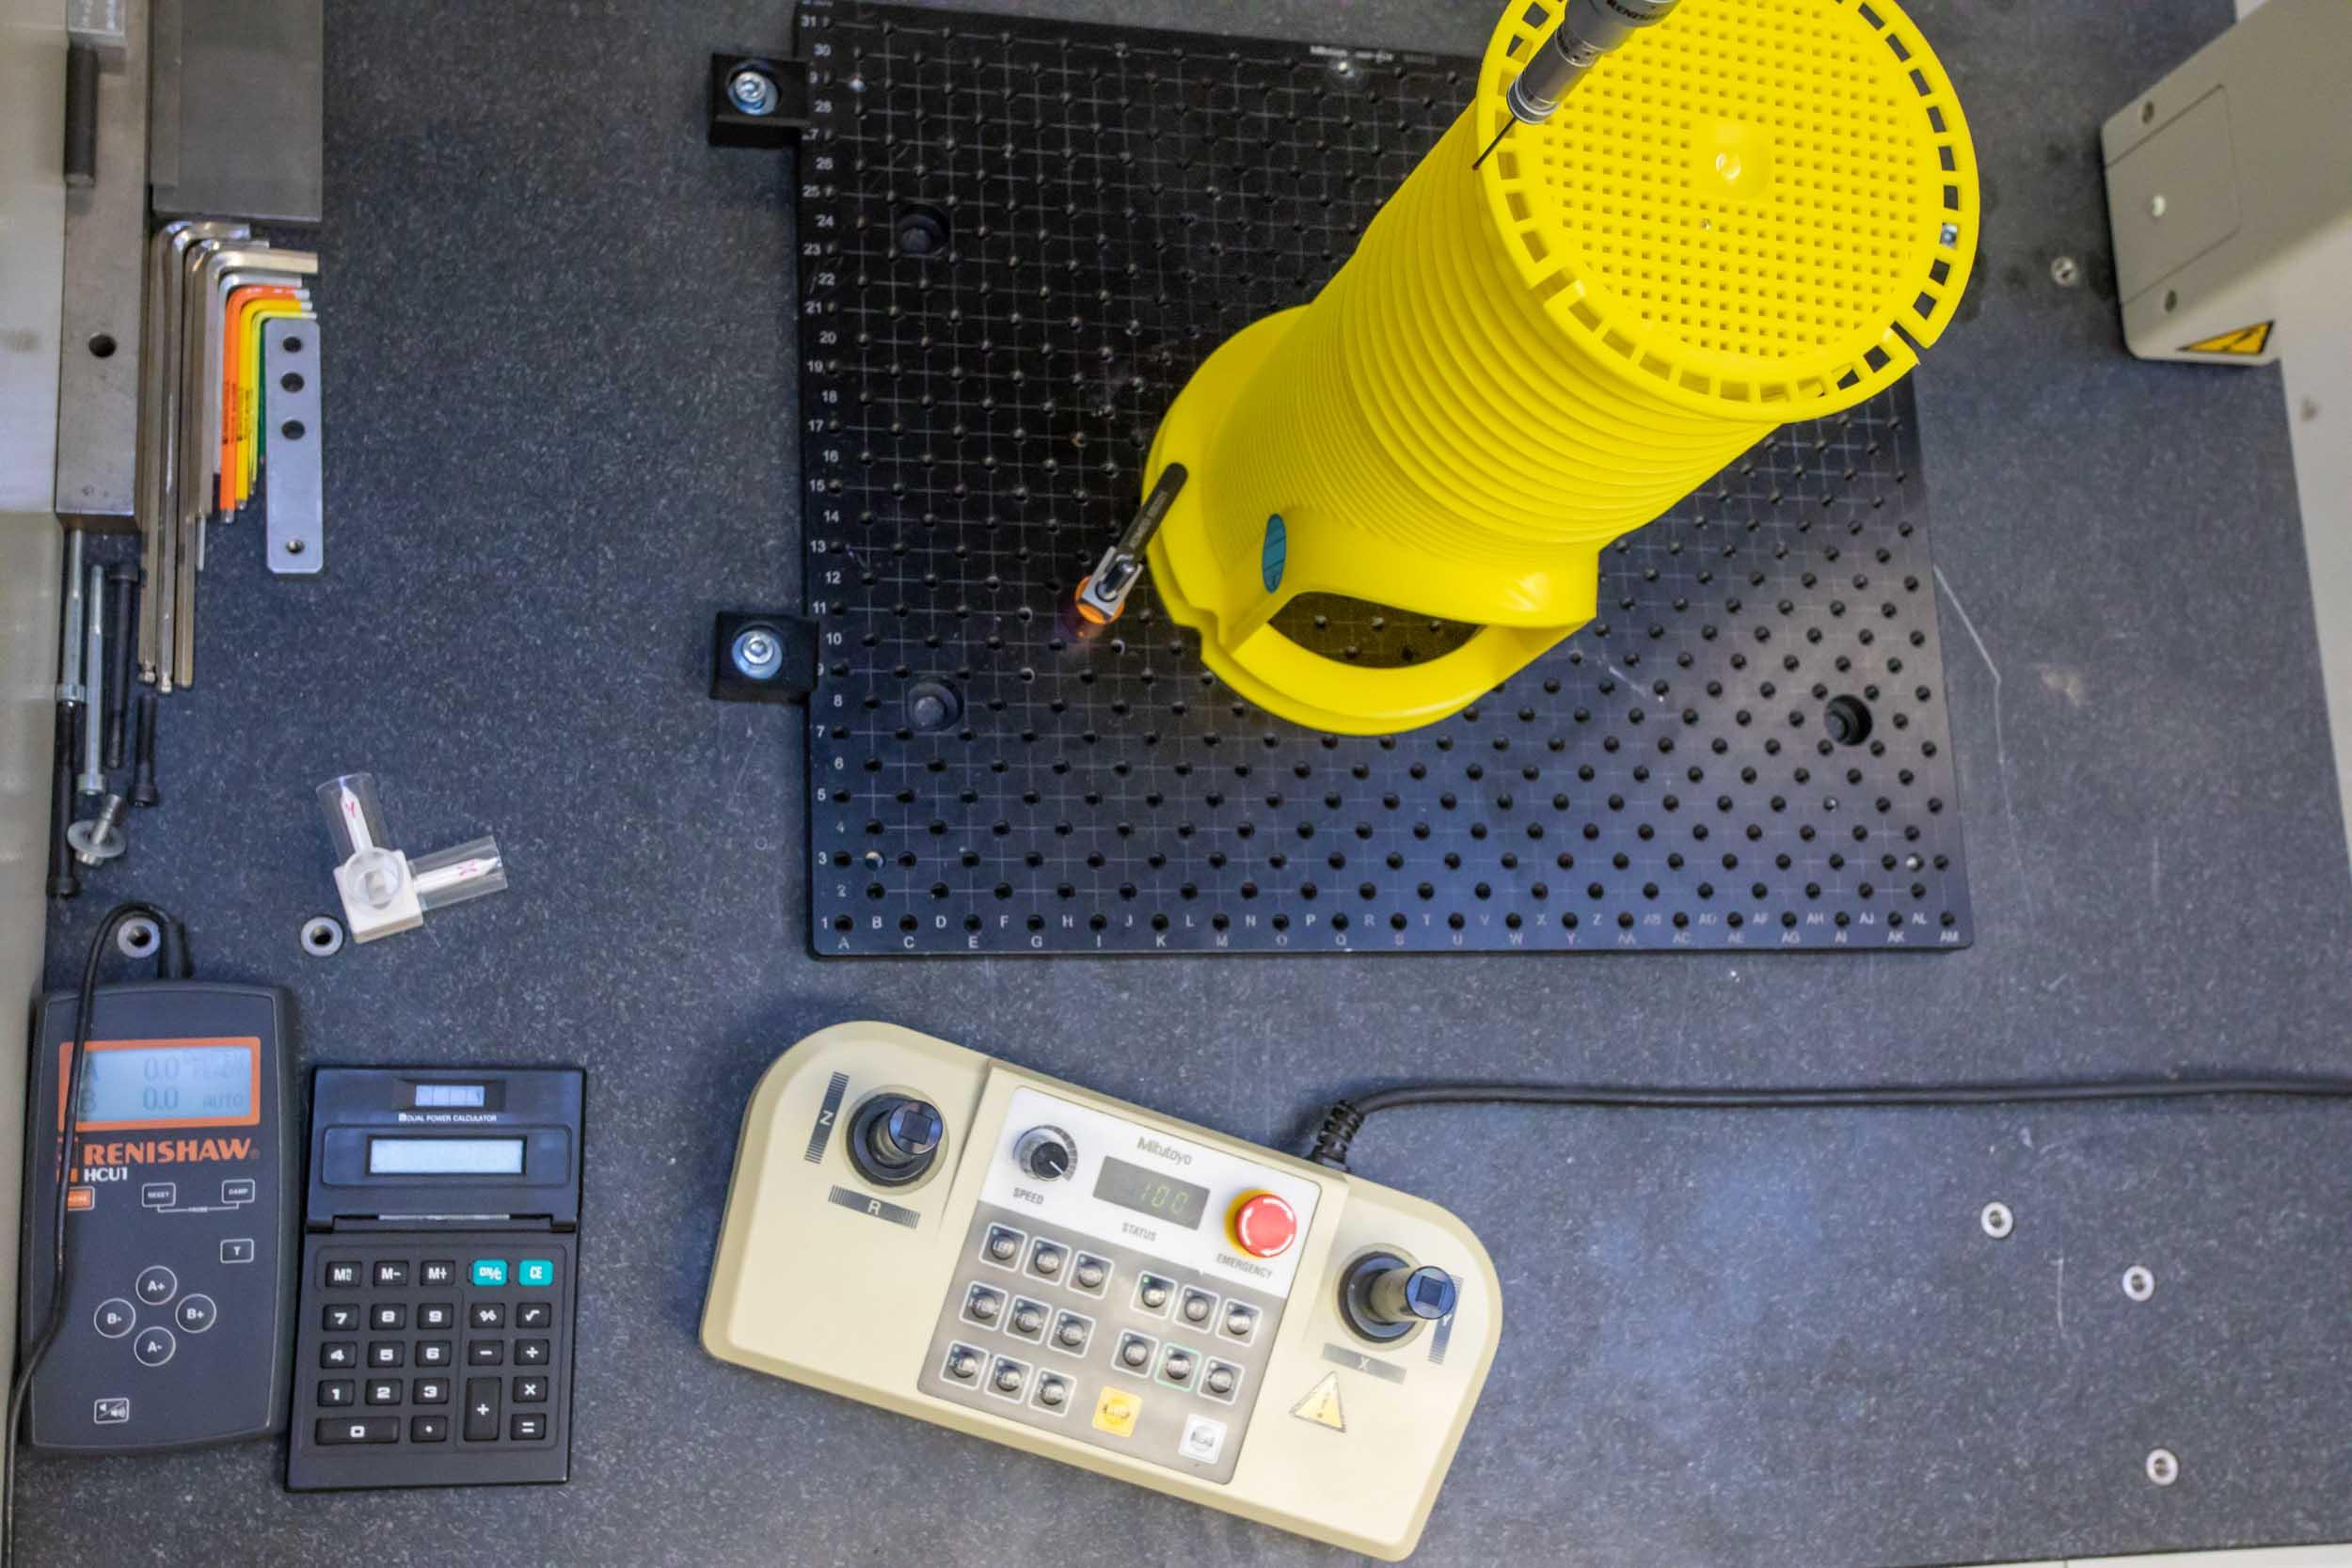 Kunststoffverarbeitung Winter Maschine Prototyp Spritzgussform Verarbeitung Produktion Herstellung